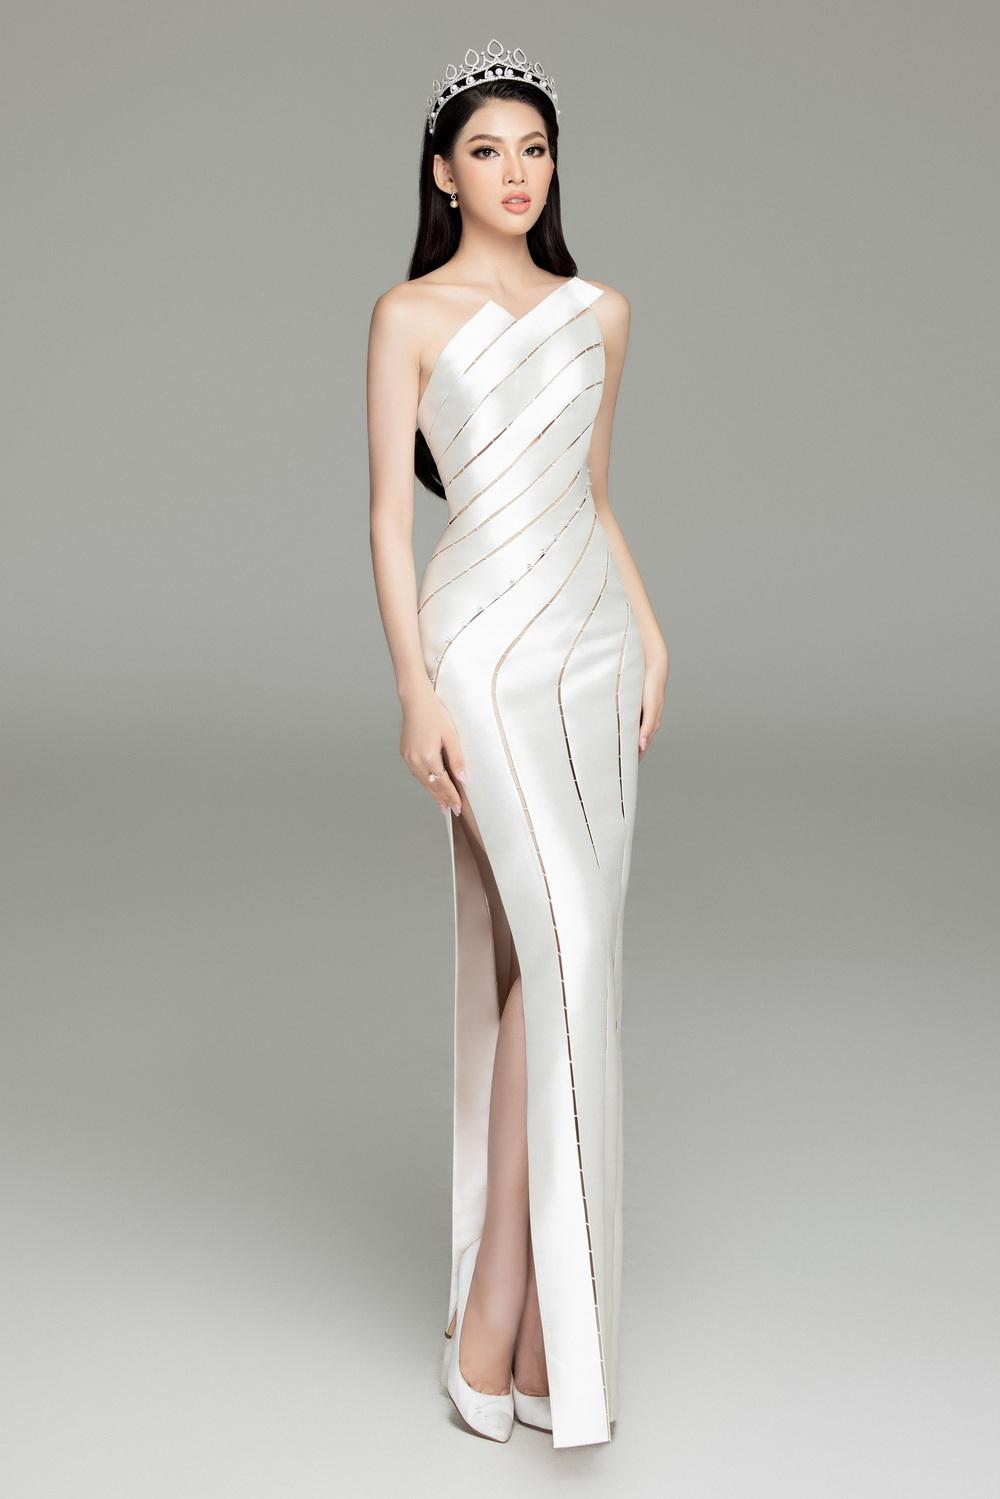 Hoa hậu Đỗ Thị Hà đọ sắc bên hai Á hậu sau 1 tháng đăng quang - Ảnh 13.